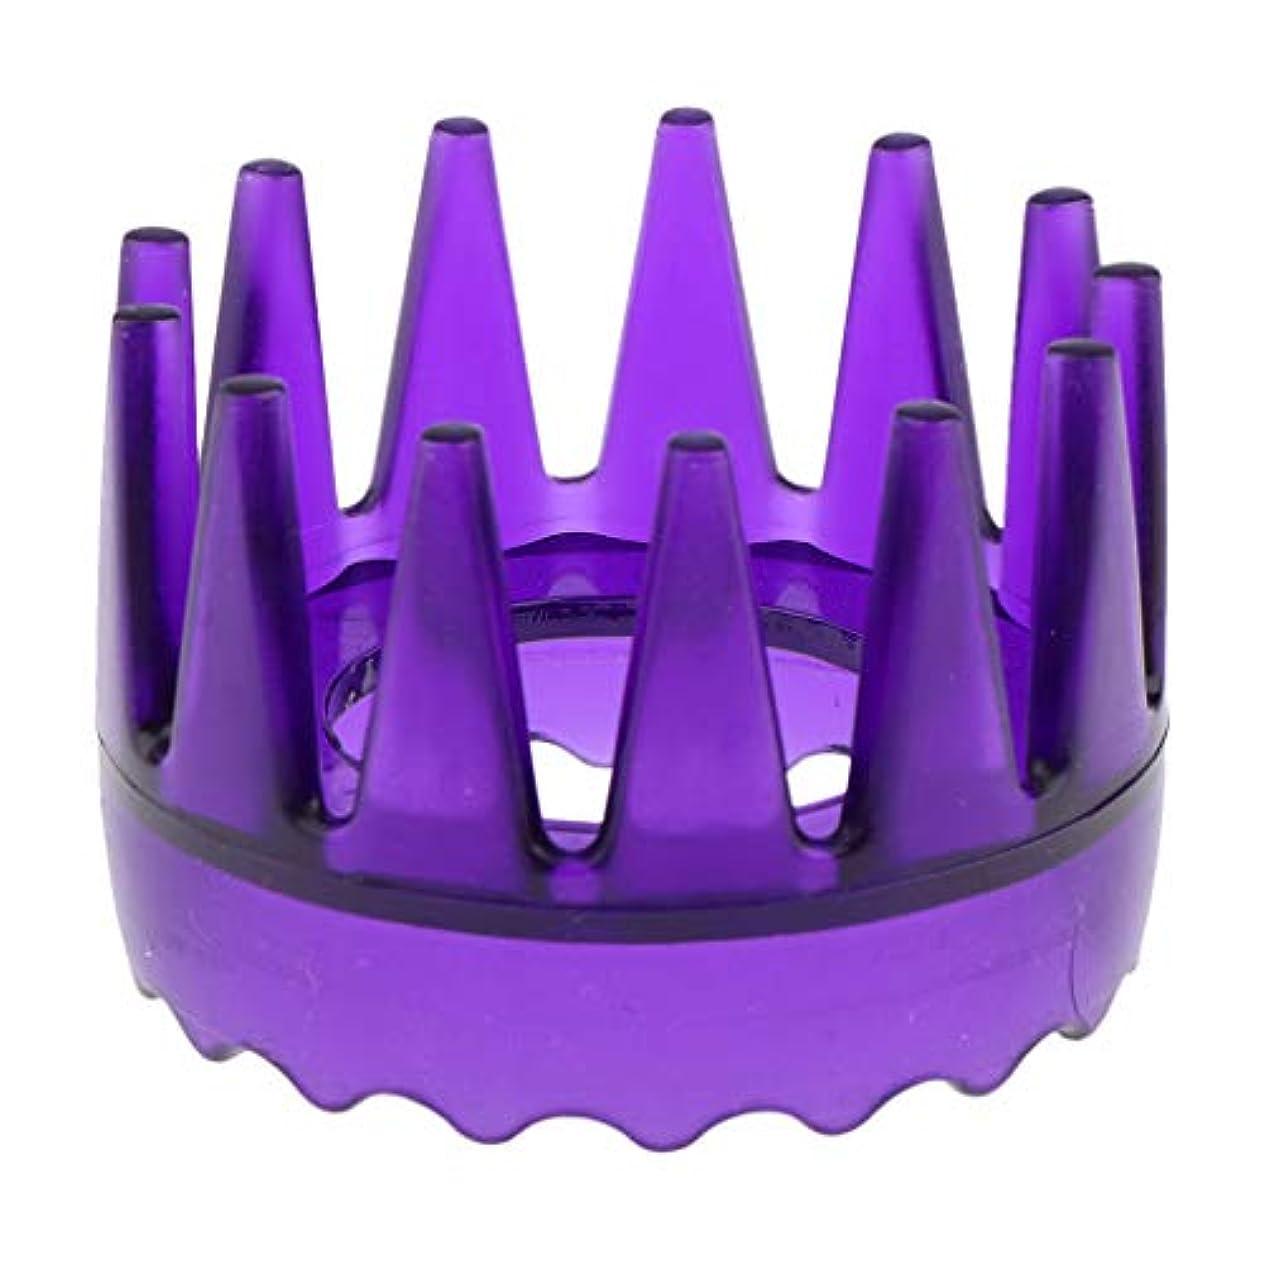 召喚する悲しみ地域の頭皮マッサージブラシ ヘアブラシ ヘアコーム ヘアケア シャワー 洗髪櫛 滑り止め 全4色 - 紫